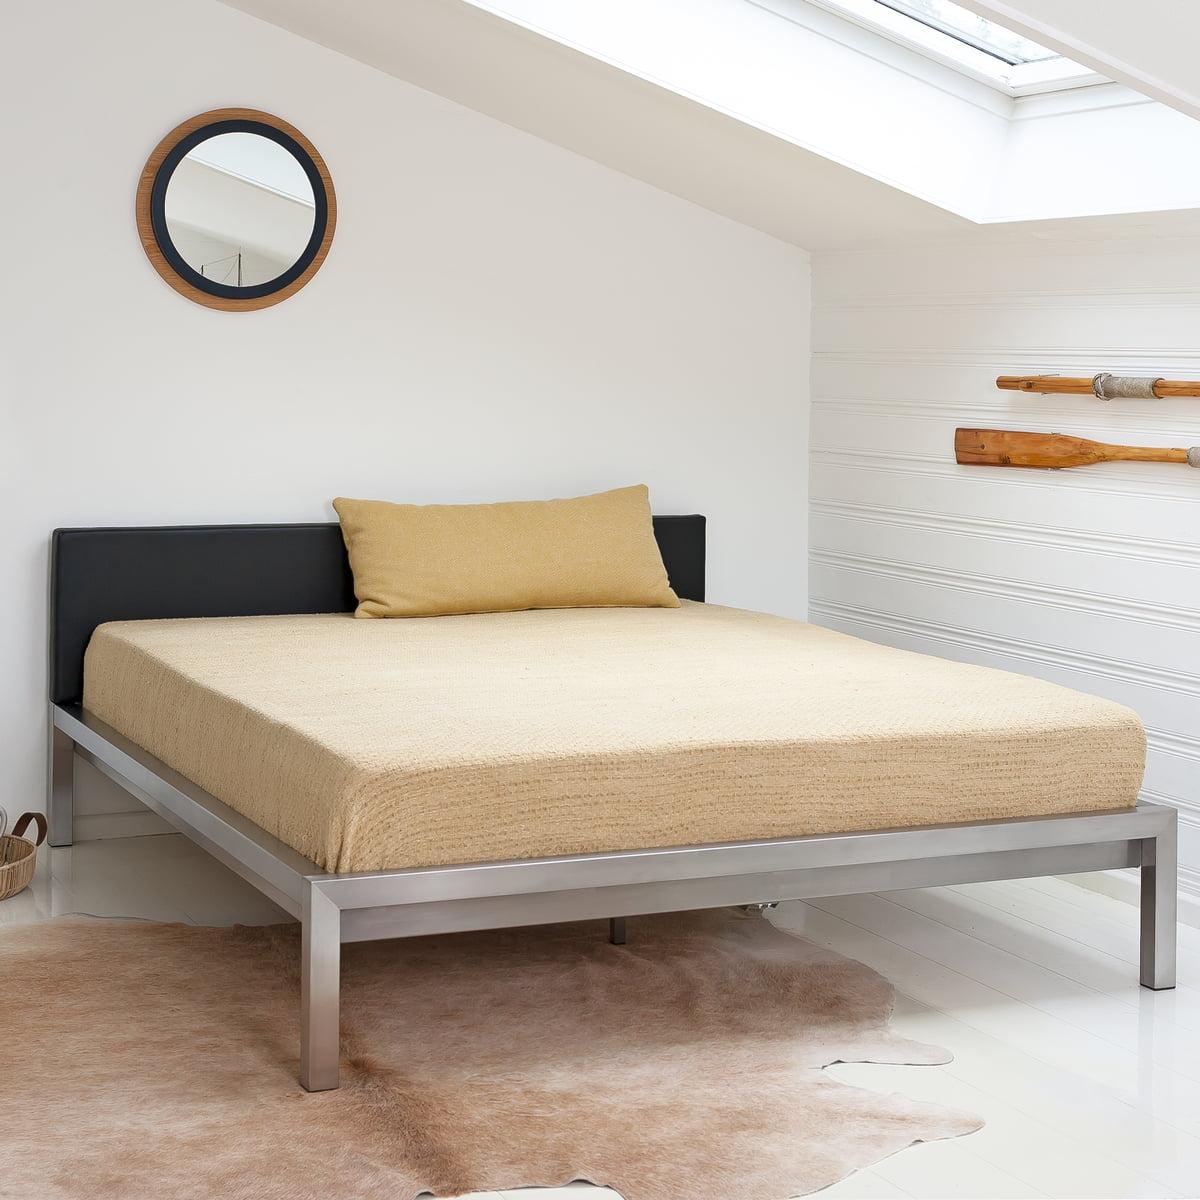 4effdfc2da Pure Bett von Hans Hansen im Schlafzimmerambiente